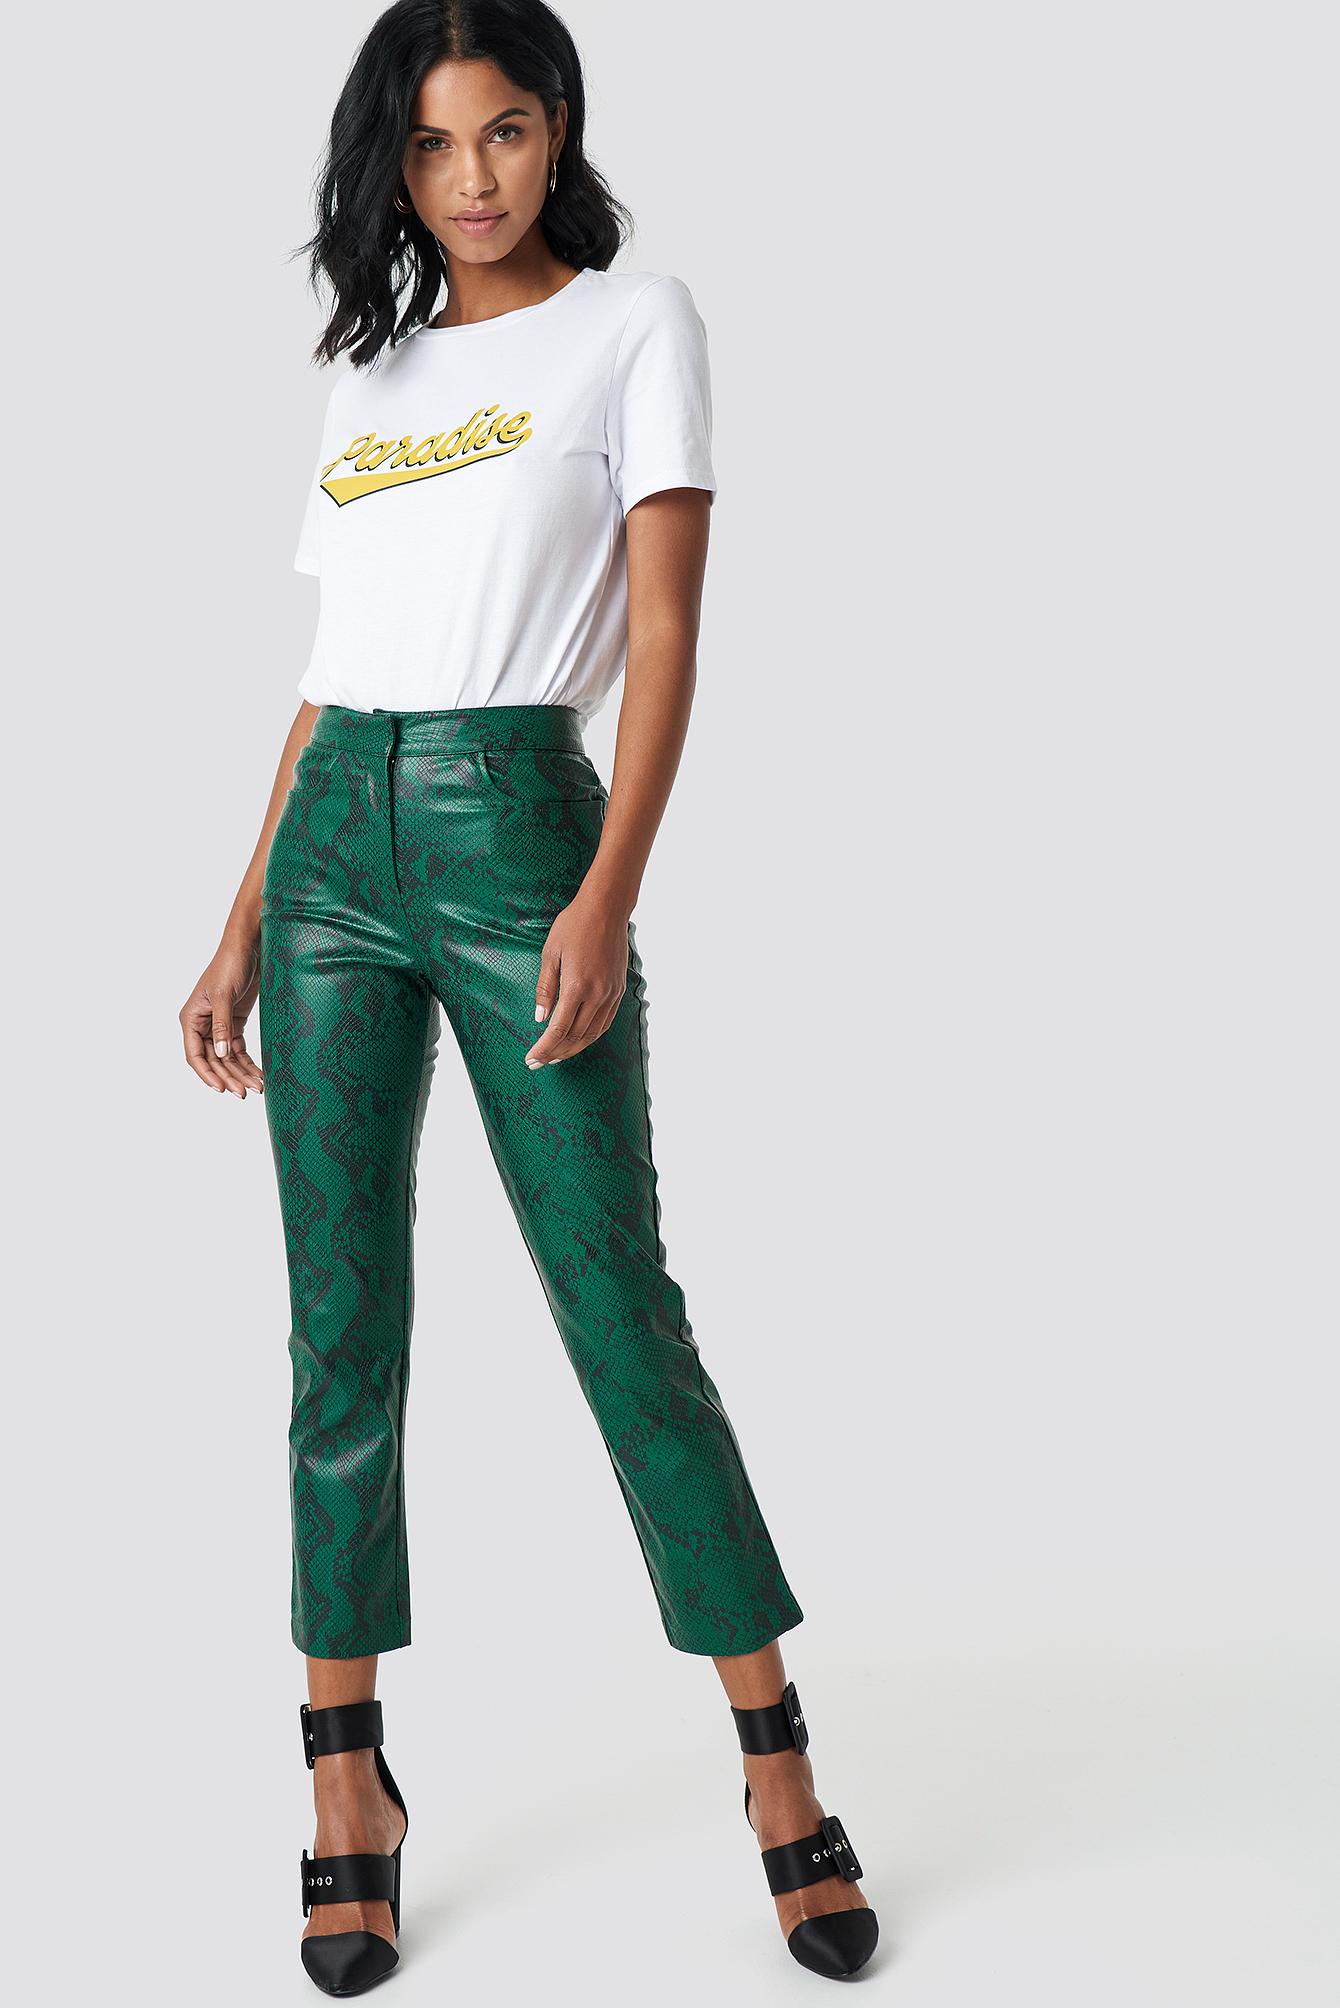 na-kd trend -  Snake Printed PU Pants - Green